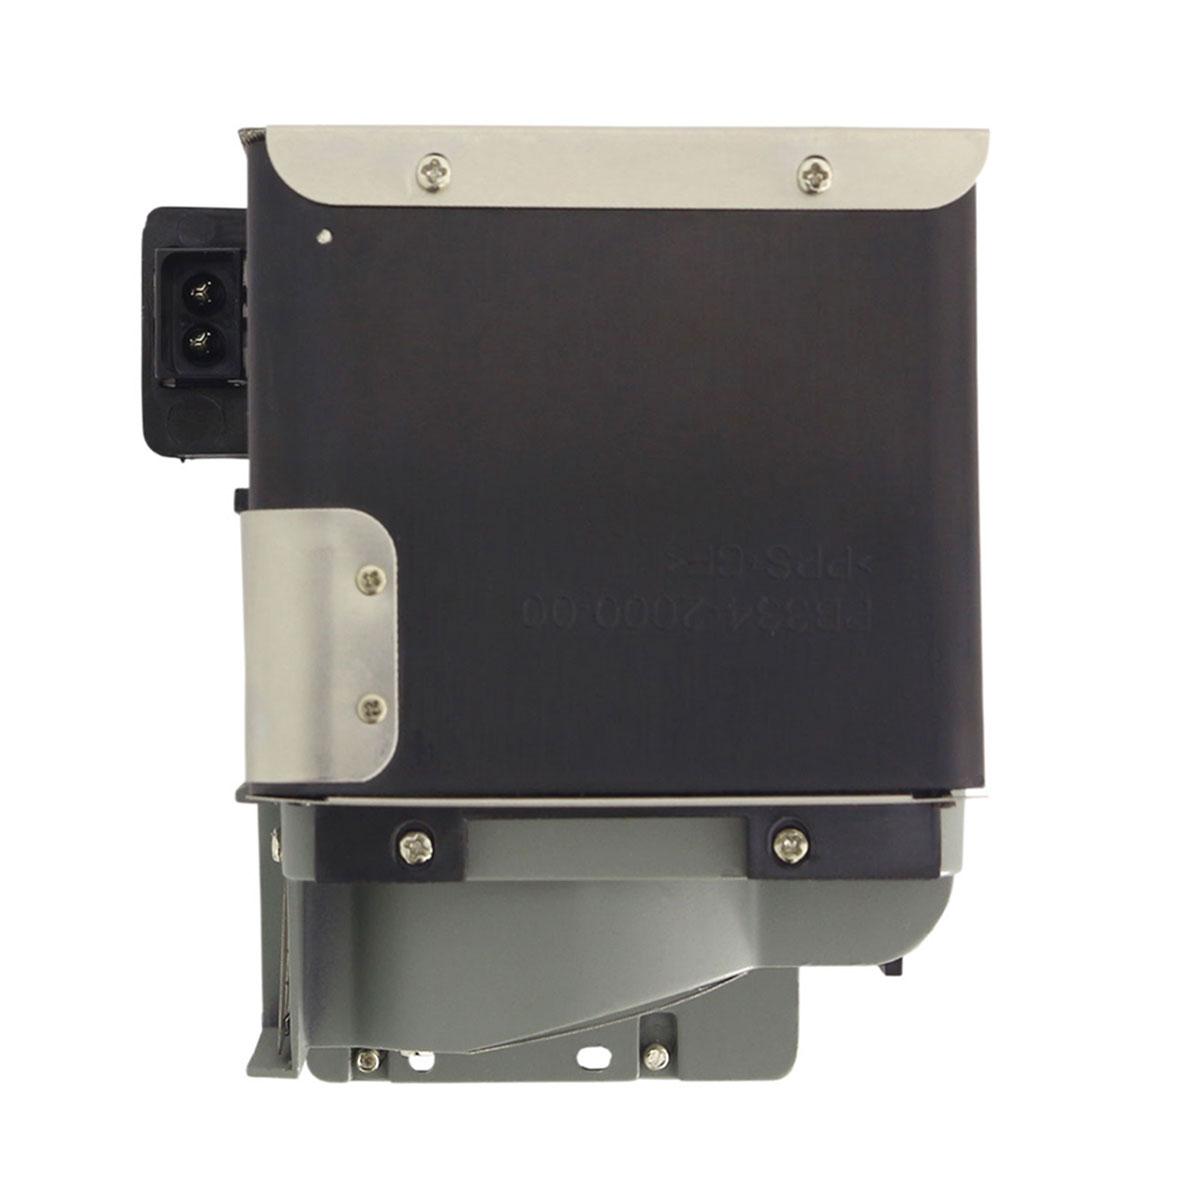 mitsubishi vlt hc7800lp vlthc7800lp osram projector lamp housing dlp. Black Bedroom Furniture Sets. Home Design Ideas